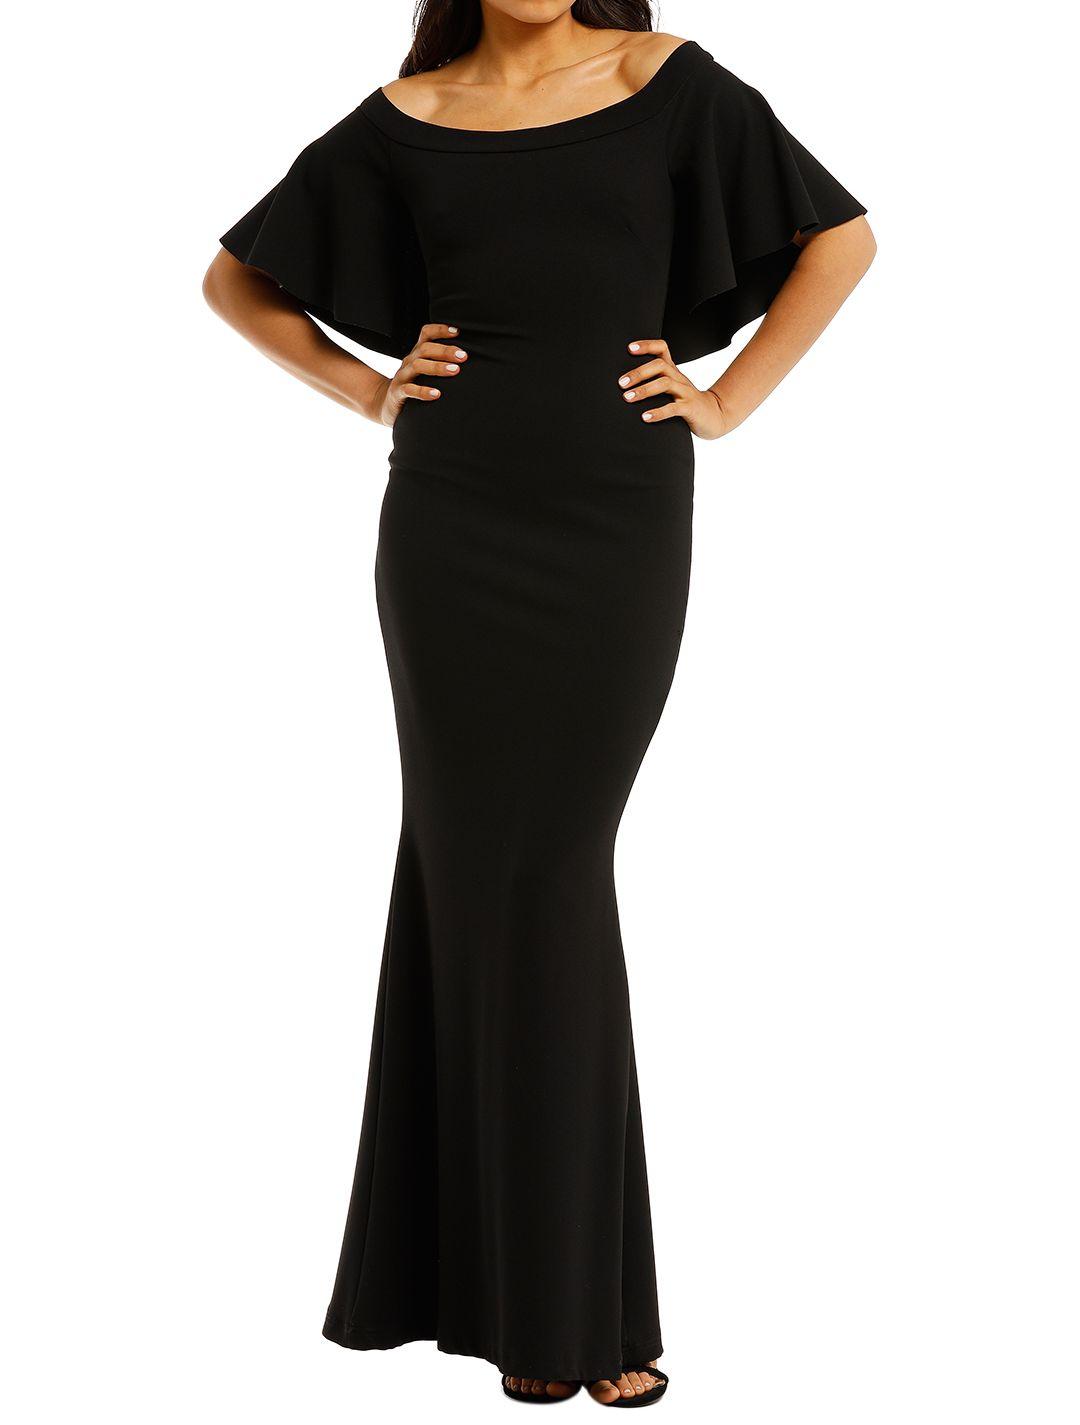 Pasduchas-Envogue-Gown-Black-Front